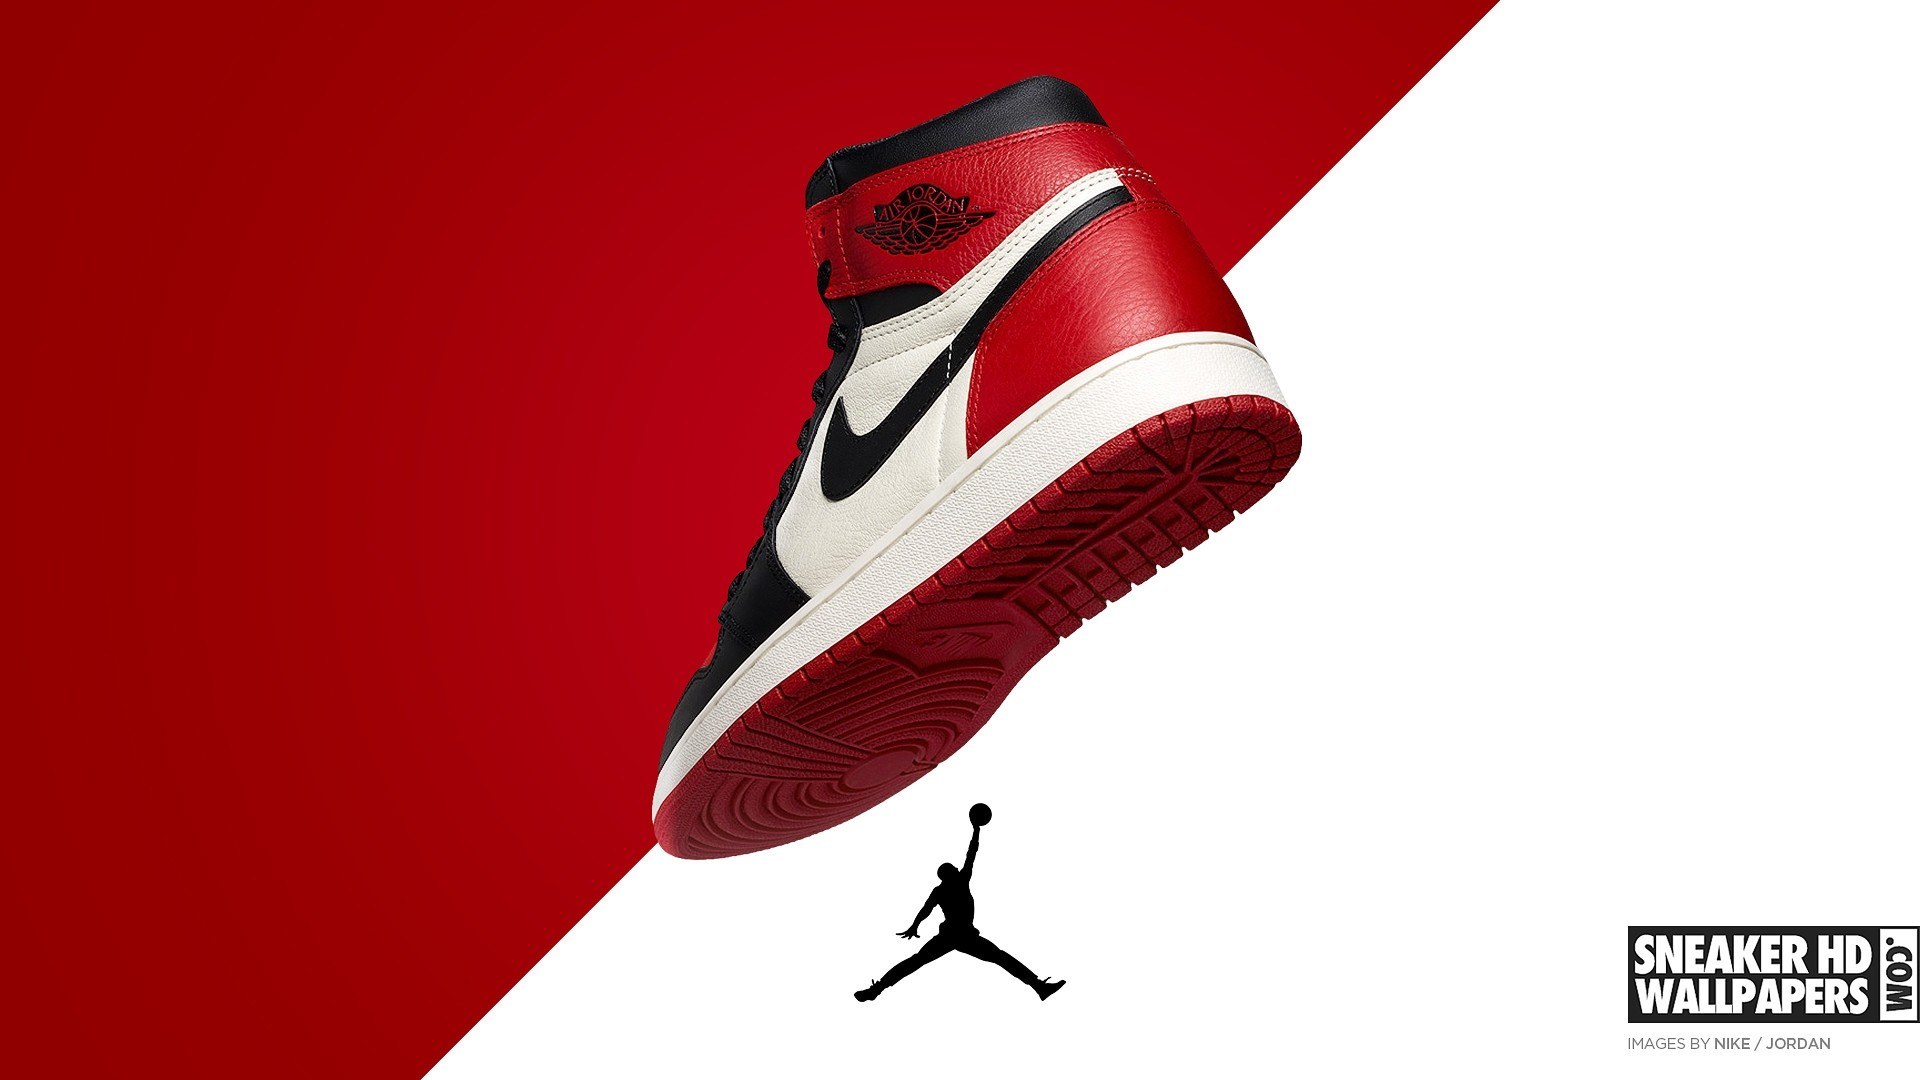 Jordan 1 Image